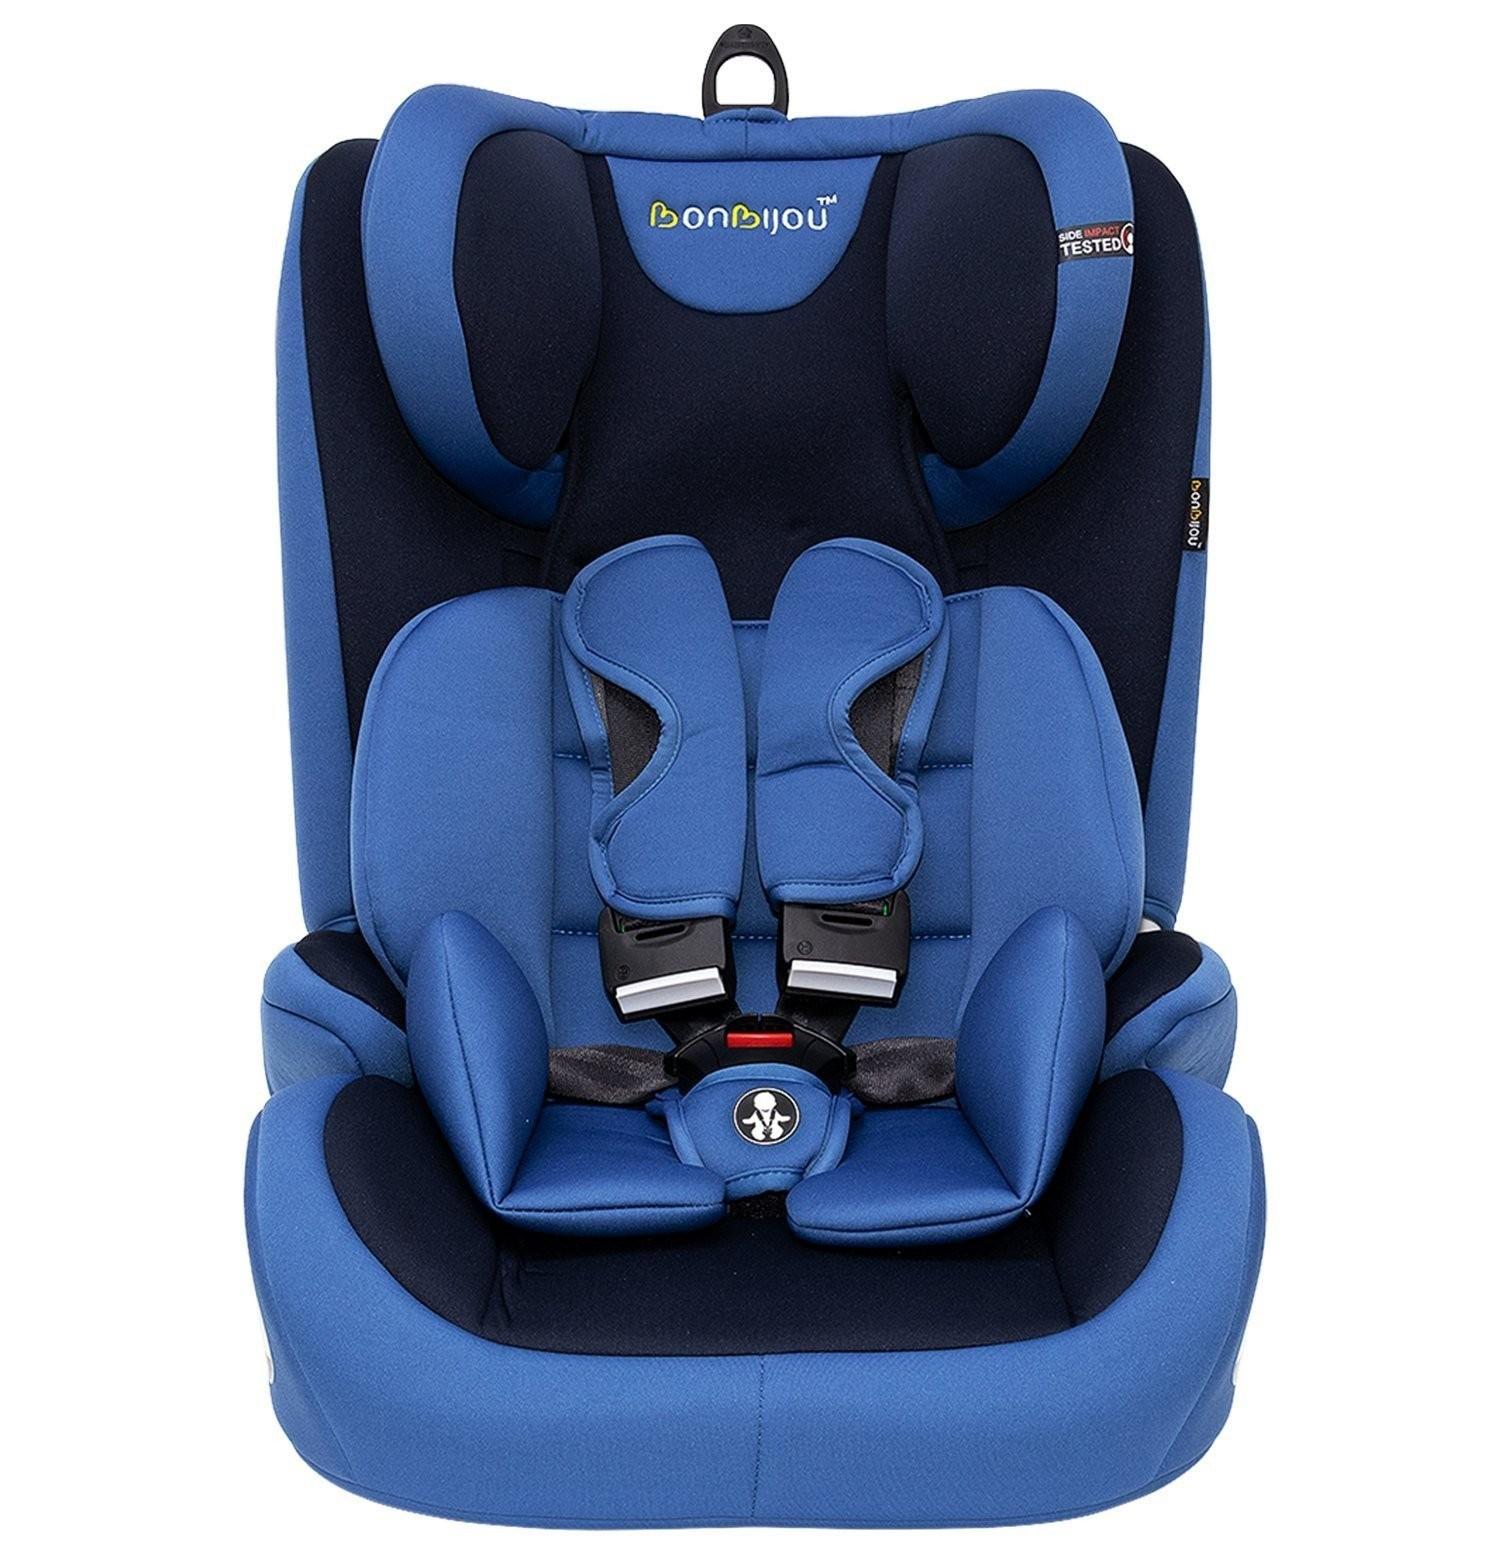 Bonbijou Cruise Car Seat